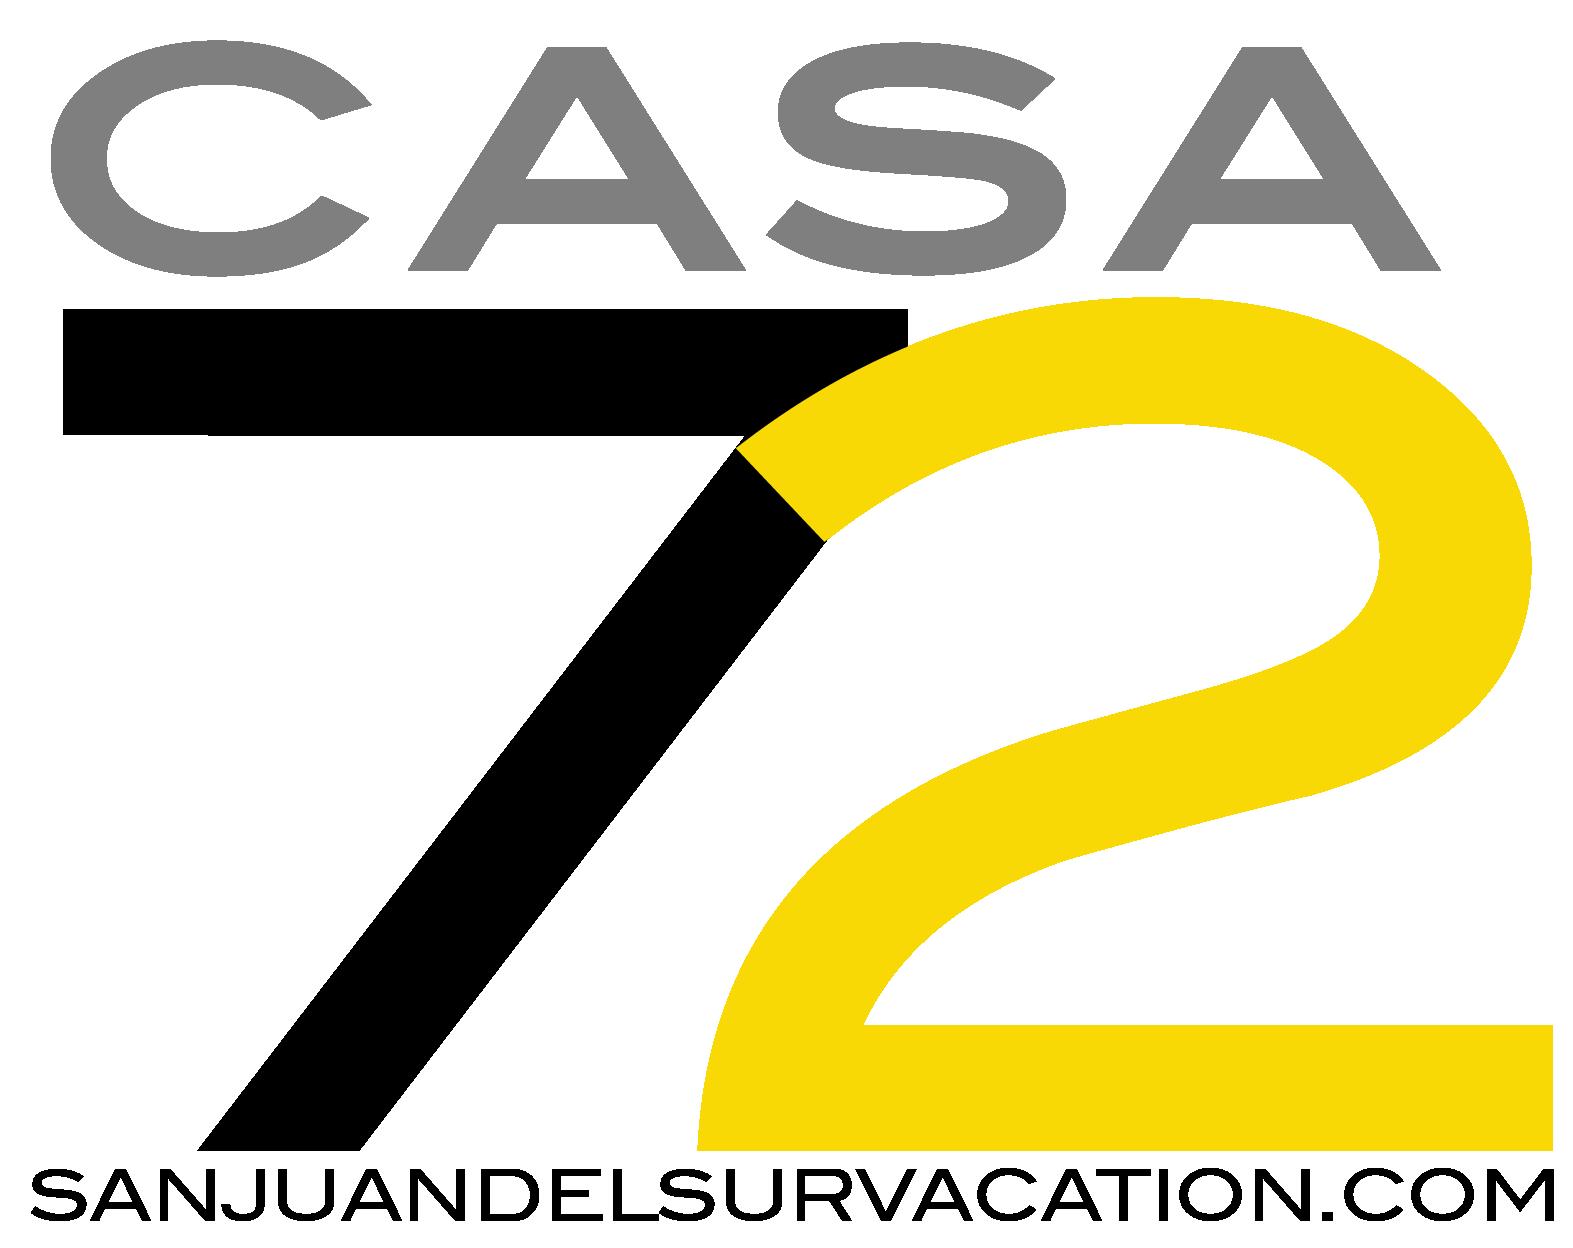 Casa72